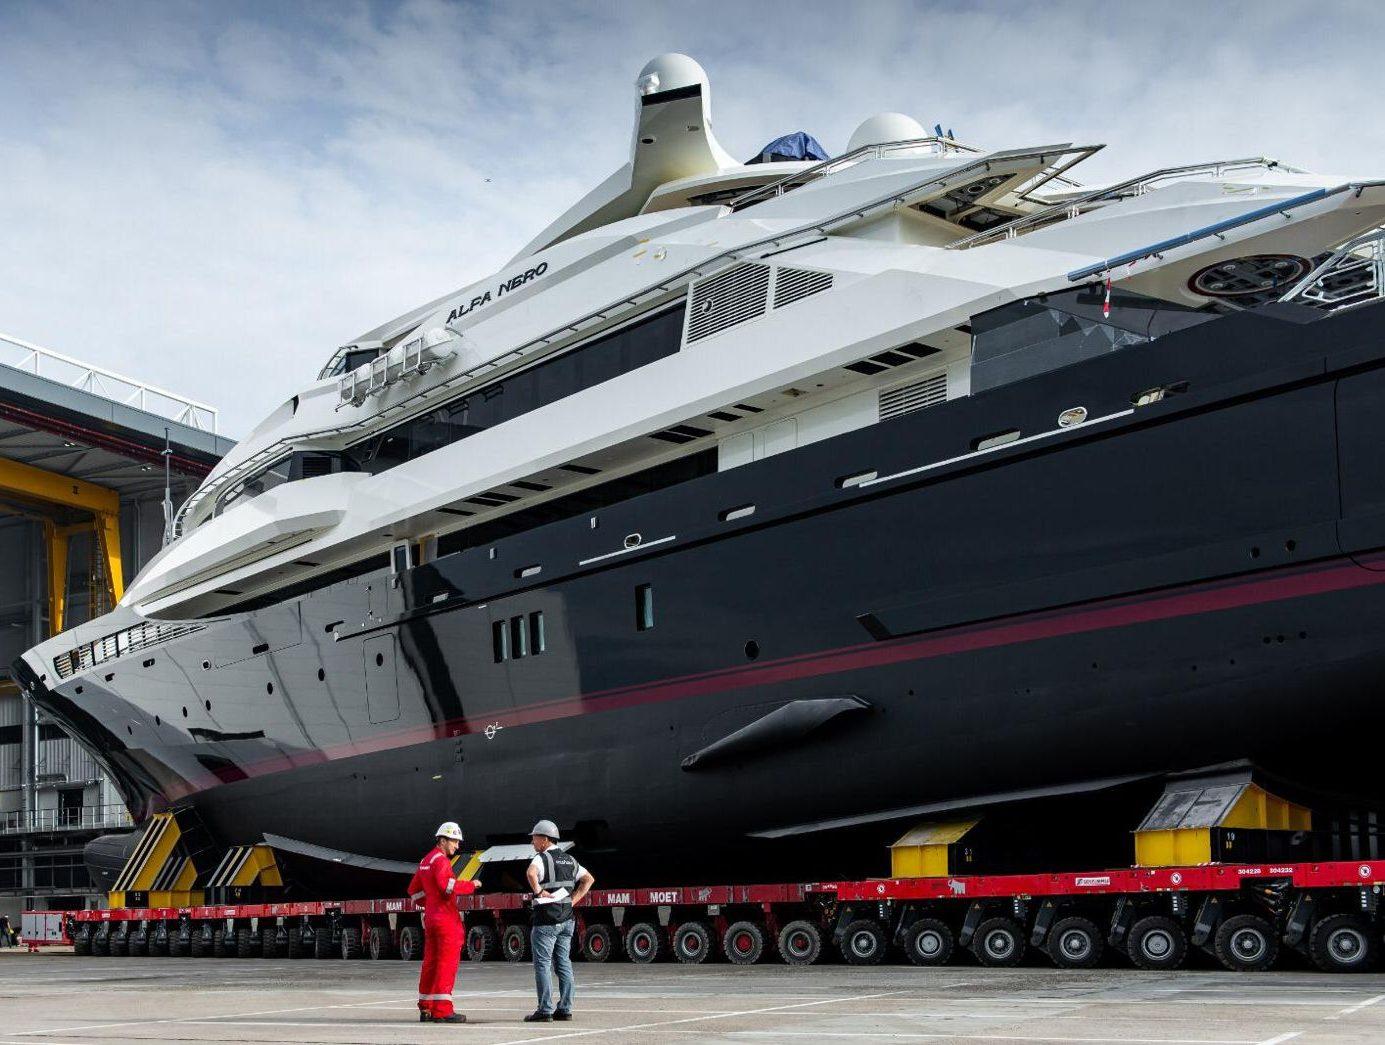 De Alfa Nero is 82 meter lang en werd gebouwd in 2007. (Foto Oceanco)